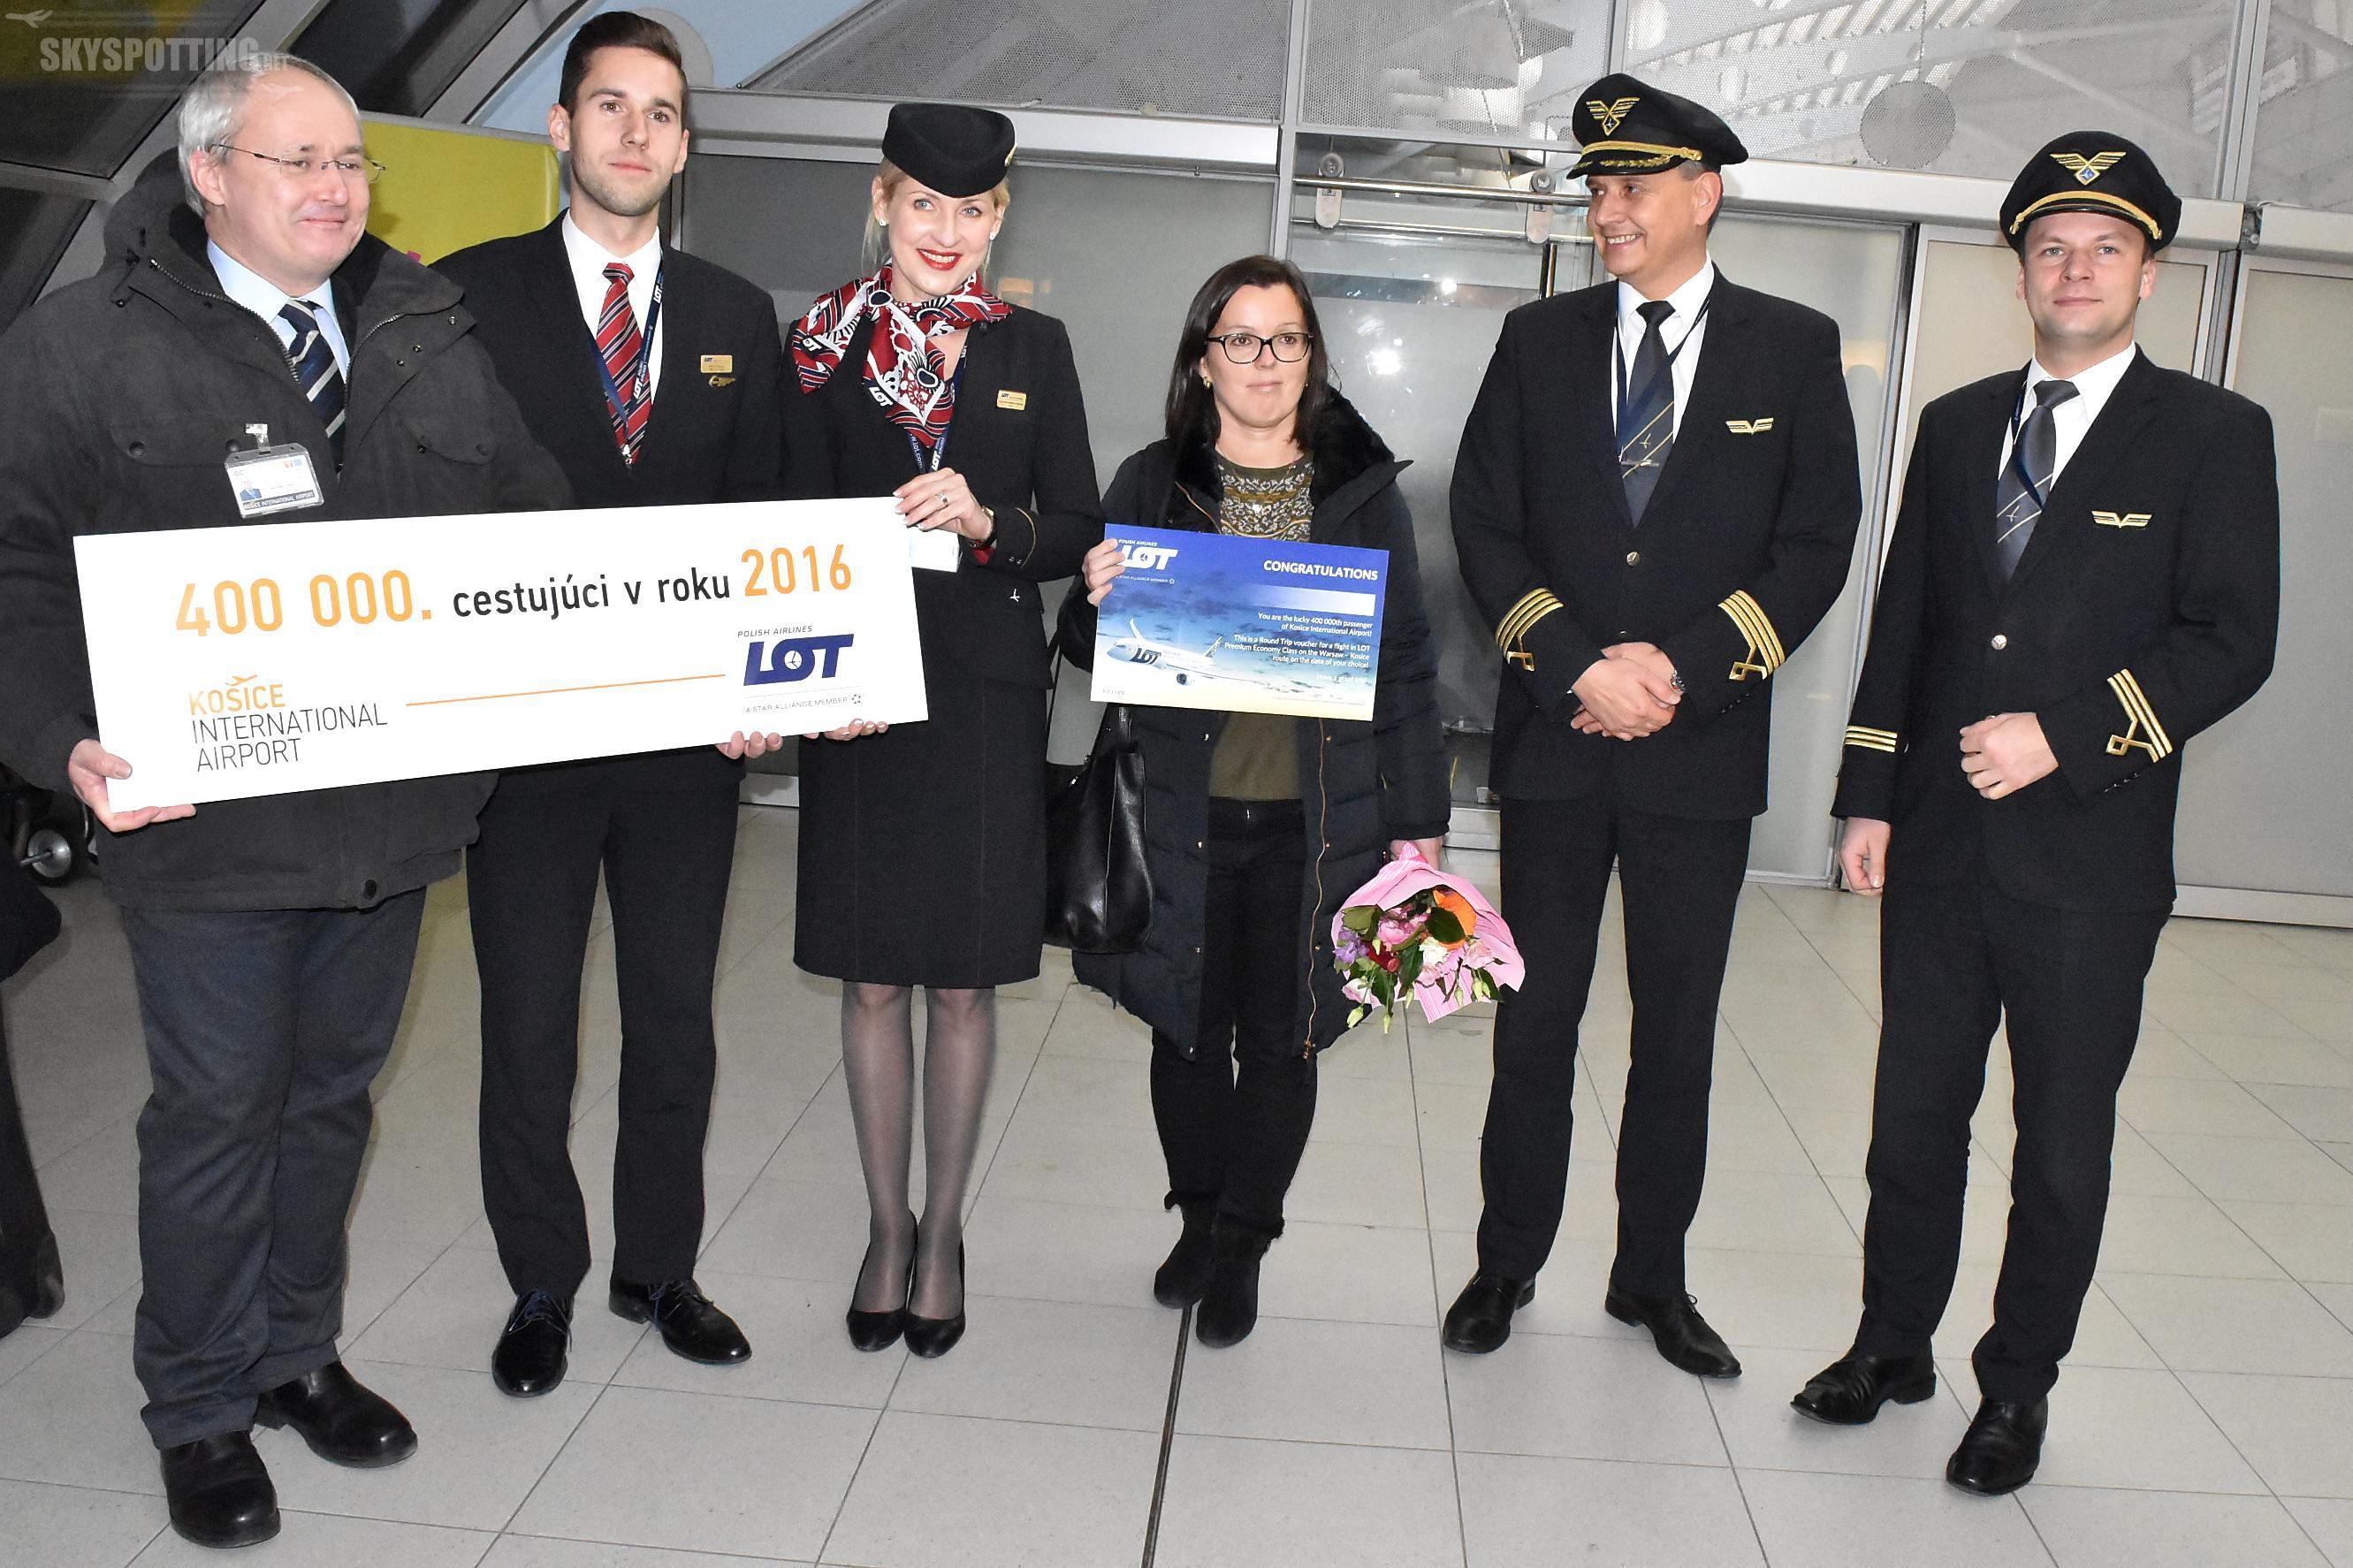 Koszyce powitały 400 000 pasażera, który przyleciał na pokładzie samolotu LOT